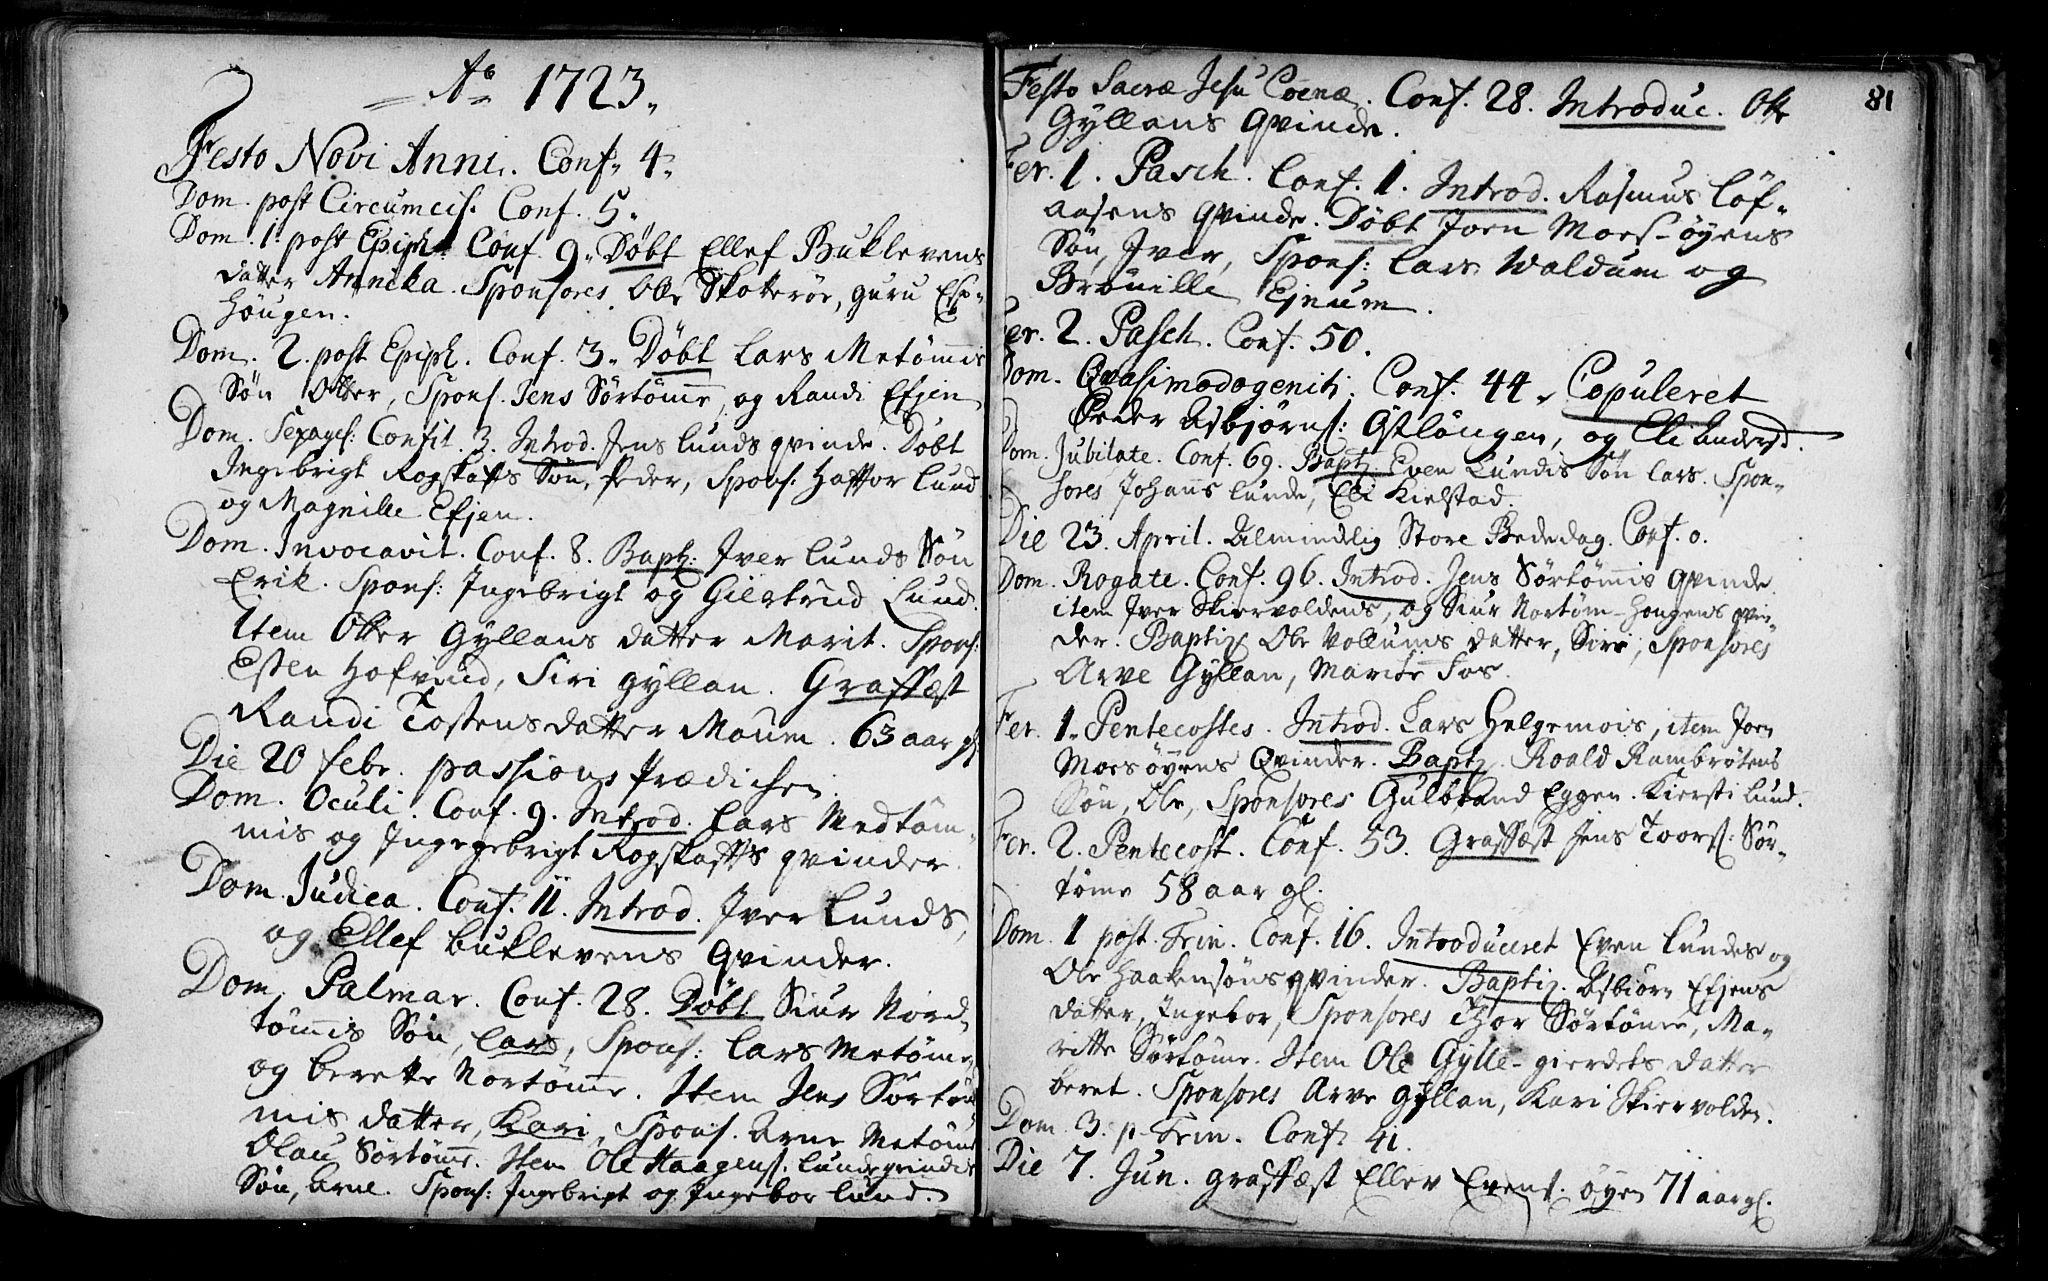 SAT, Ministerialprotokoller, klokkerbøker og fødselsregistre - Sør-Trøndelag, 692/L1101: Ministerialbok nr. 692A01, 1690-1746, s. 81